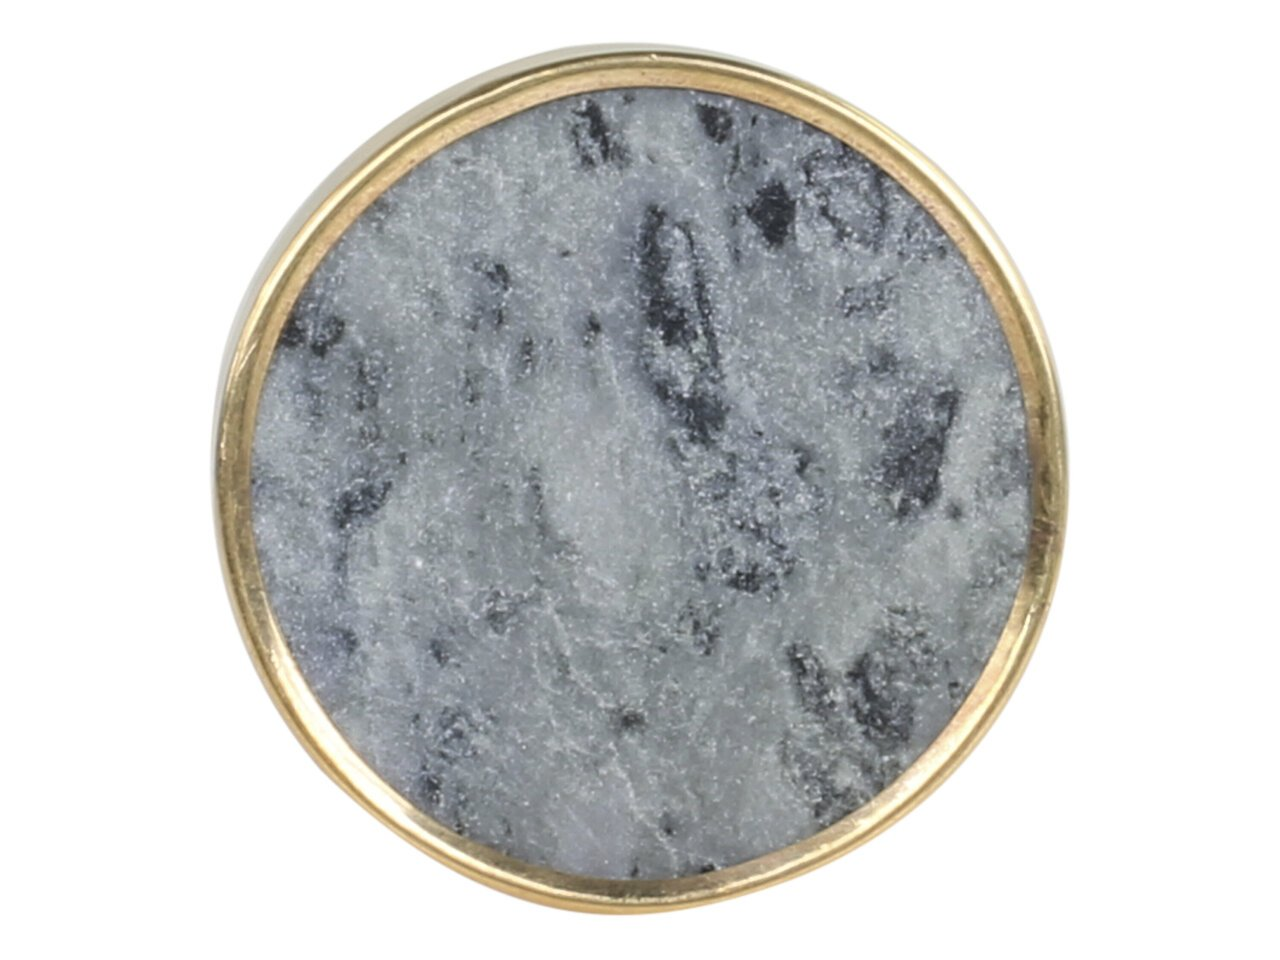 Chic Antique Griff aus Marmor mit Messingkante